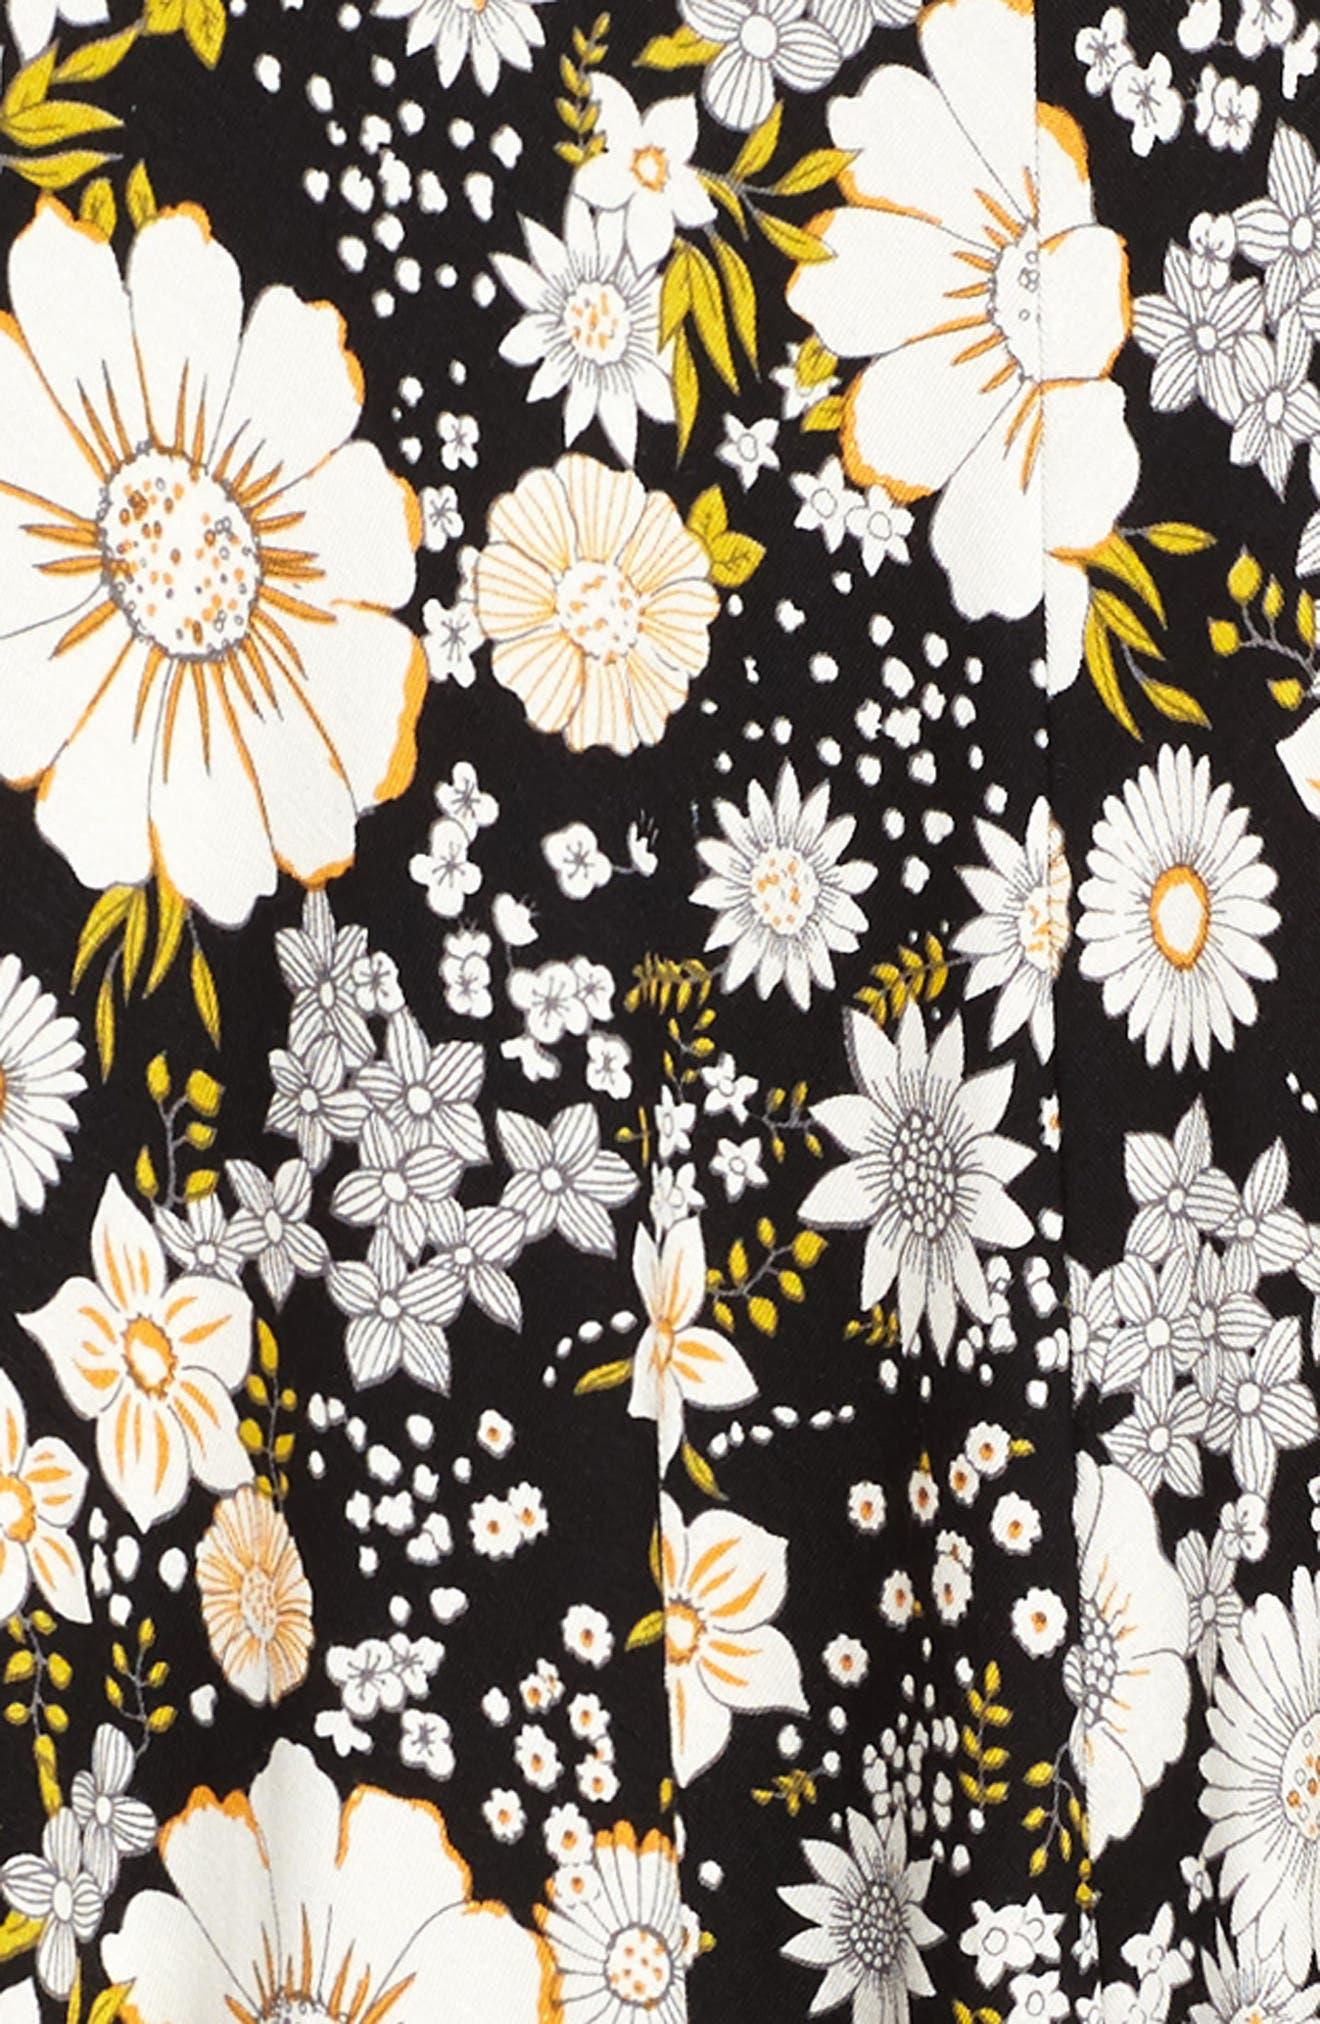 Floral Print Knit A-Line Dress,                             Alternate thumbnail 3, color,                             001